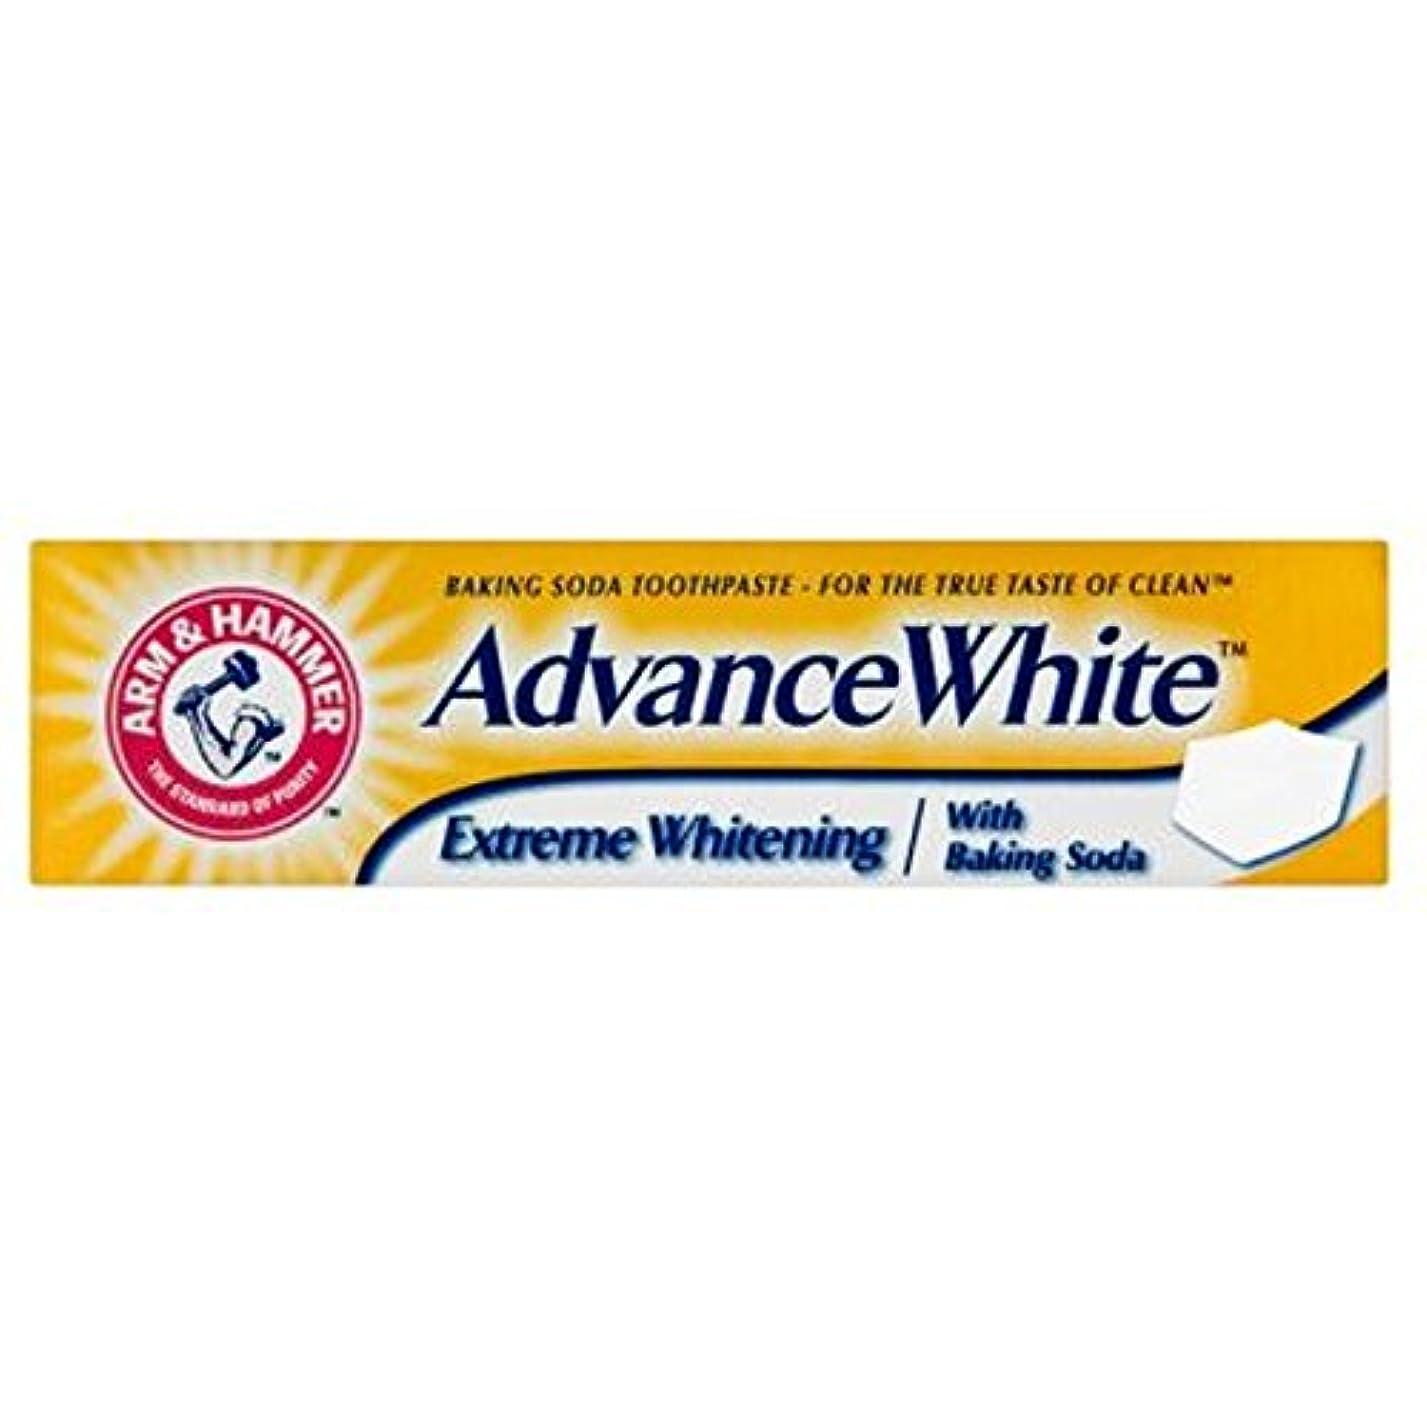 表示マニア古代重曹歯磨き粉75ミリリットルをホワイトニングアーム&ハンマー事前白極端 (Arm & Hammer) (x2) - Arm & Hammer Advance White Extreme Whitening Baking...